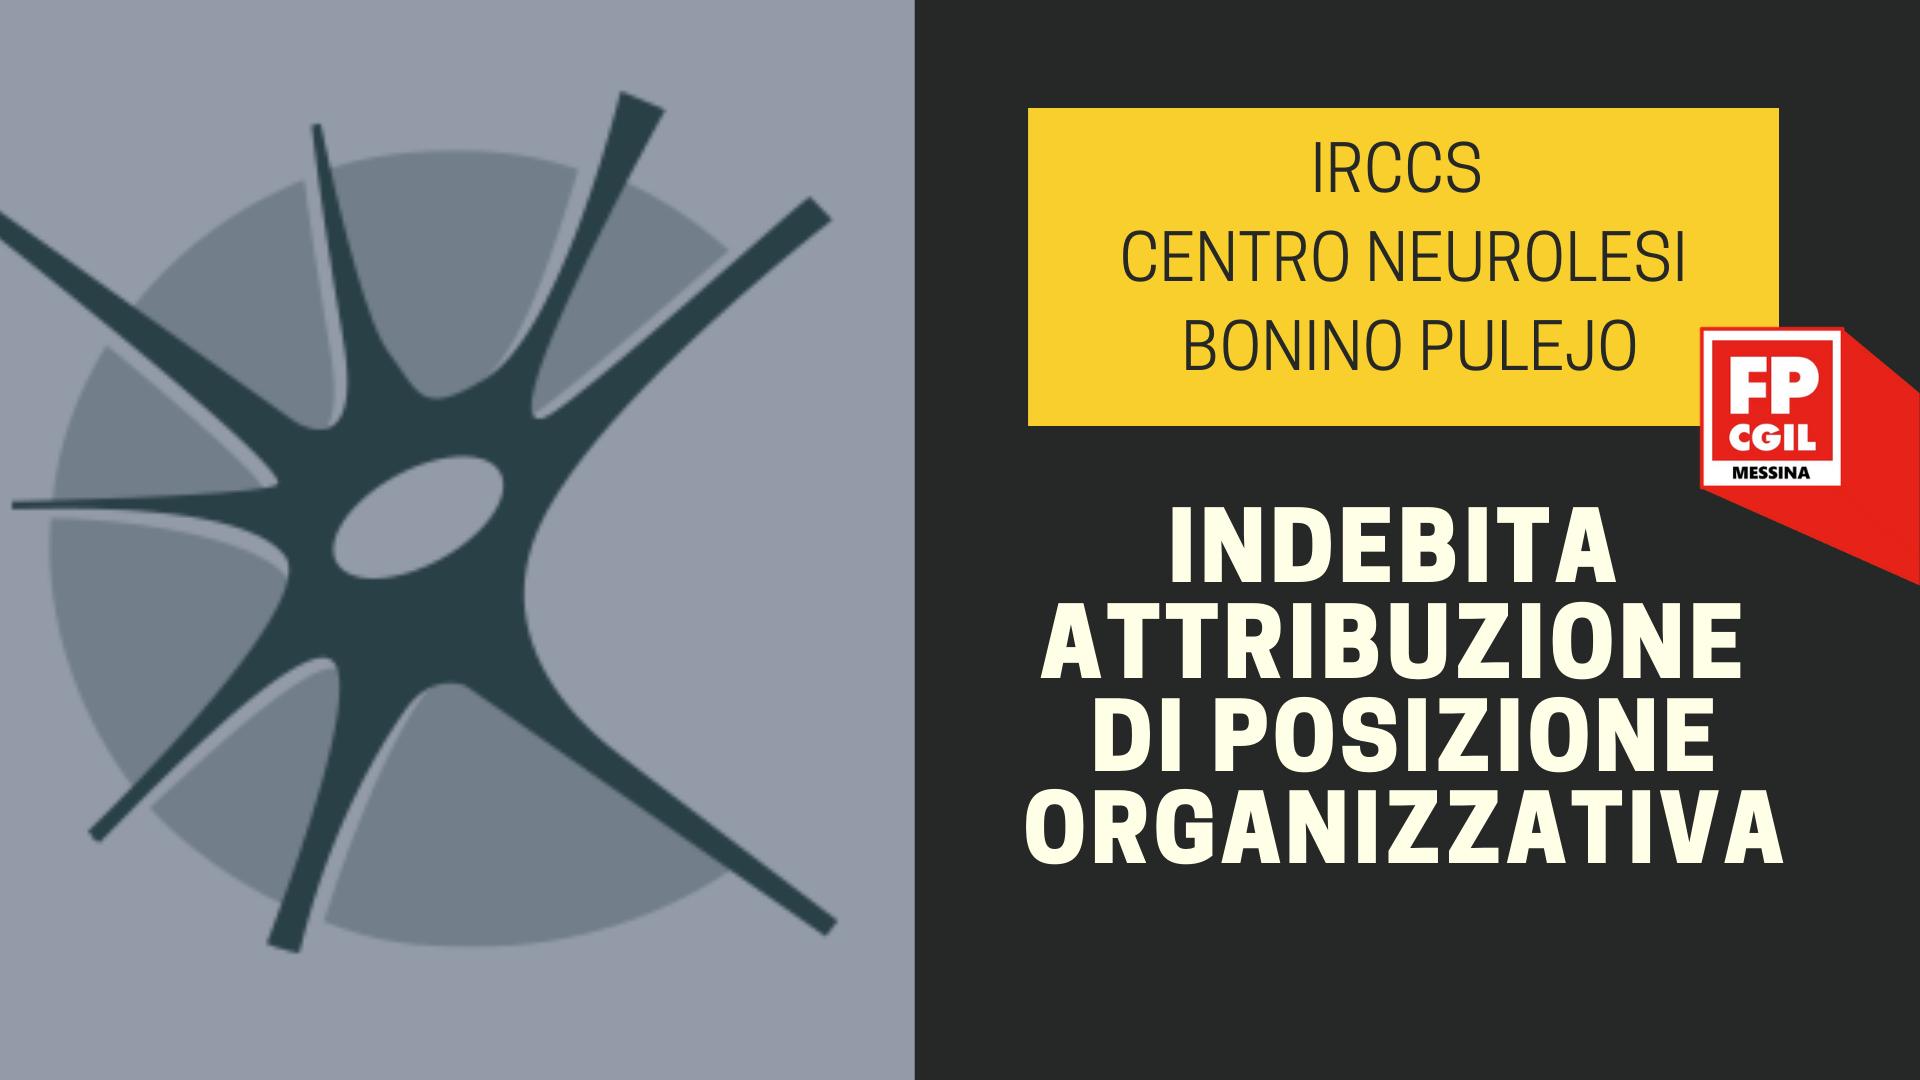 IRCCS Centro Neurolesi Bonino Pulejo –  Indebita attribuzione di Posizione Organizzativa